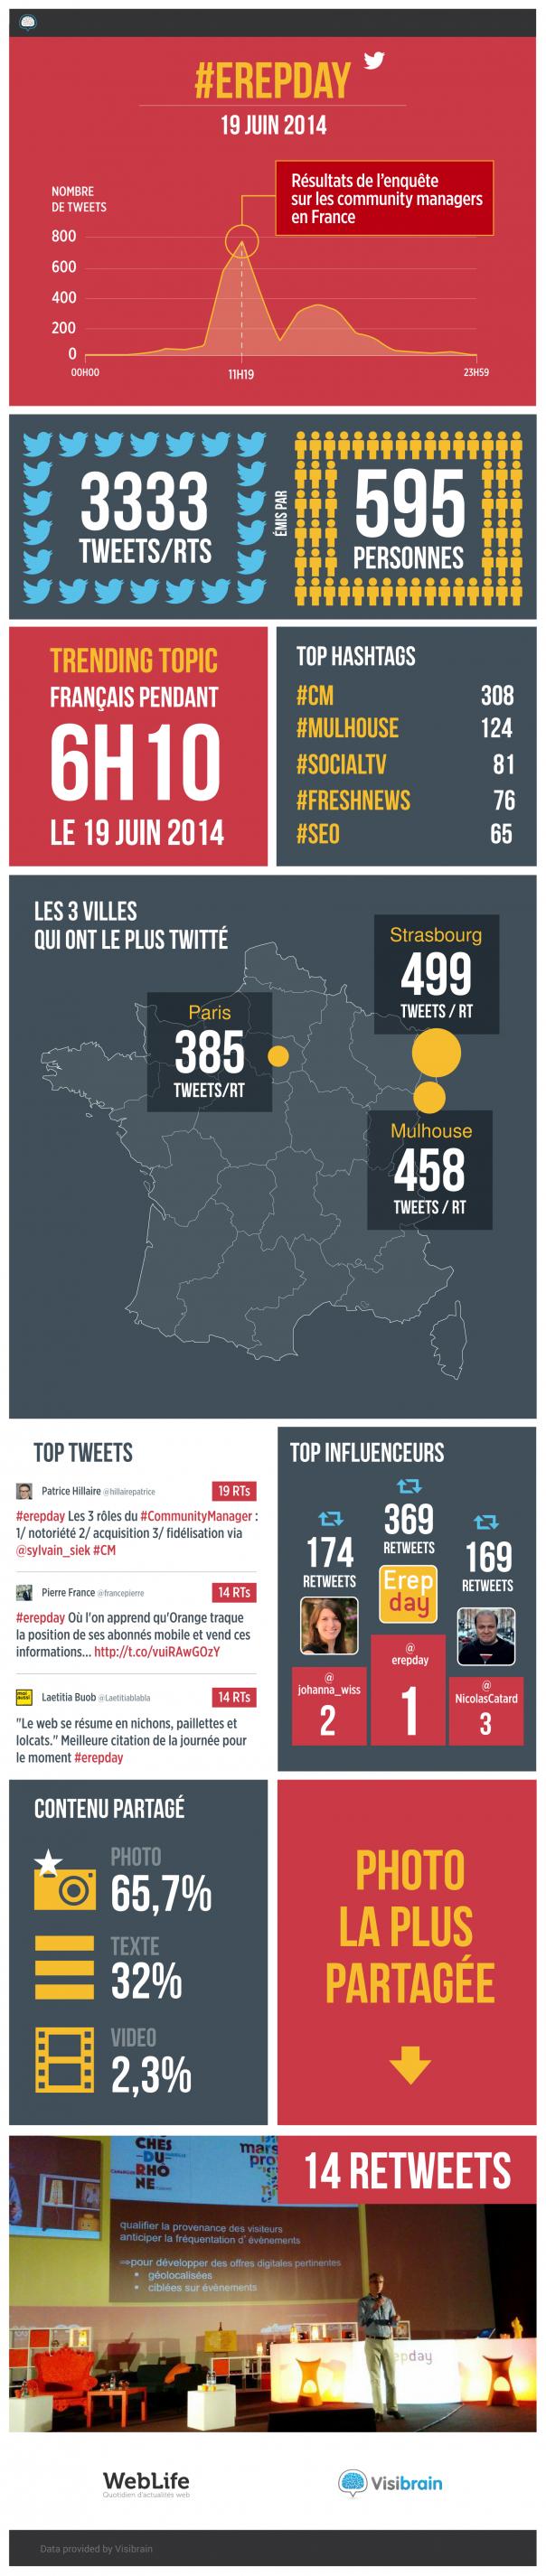 Infographie de l'Erepday 2014